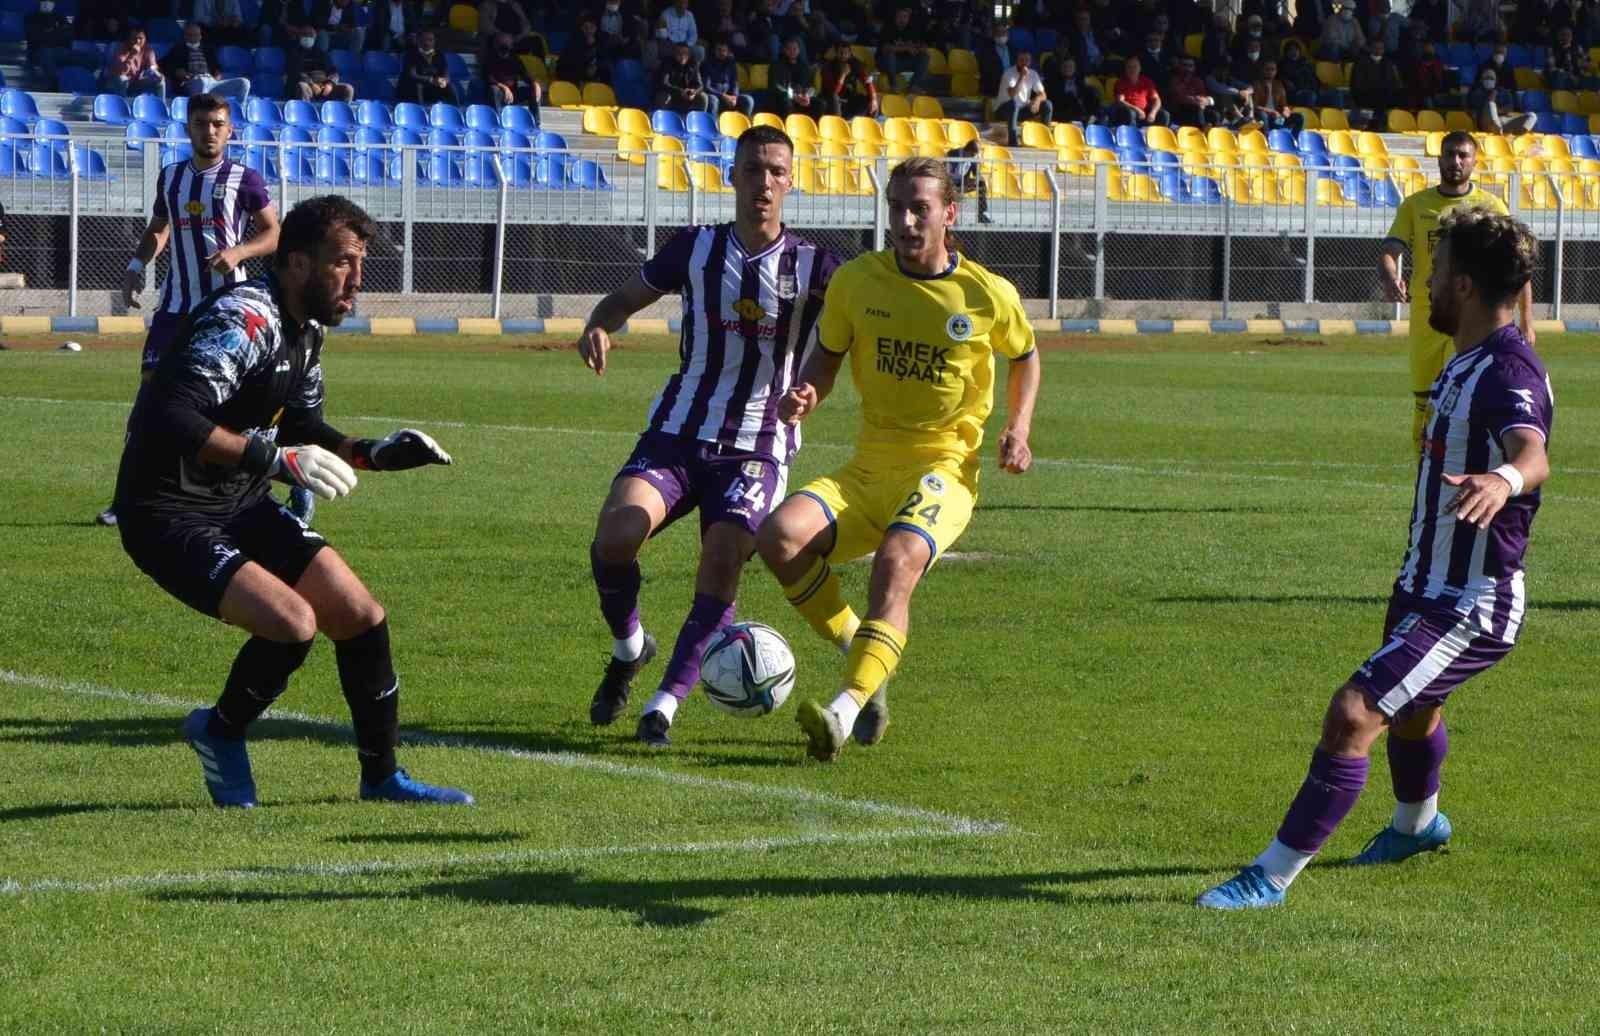 TFF 3. Lig: Fatsa Belediyespor: 0 – Artvin Hopaspor: 0